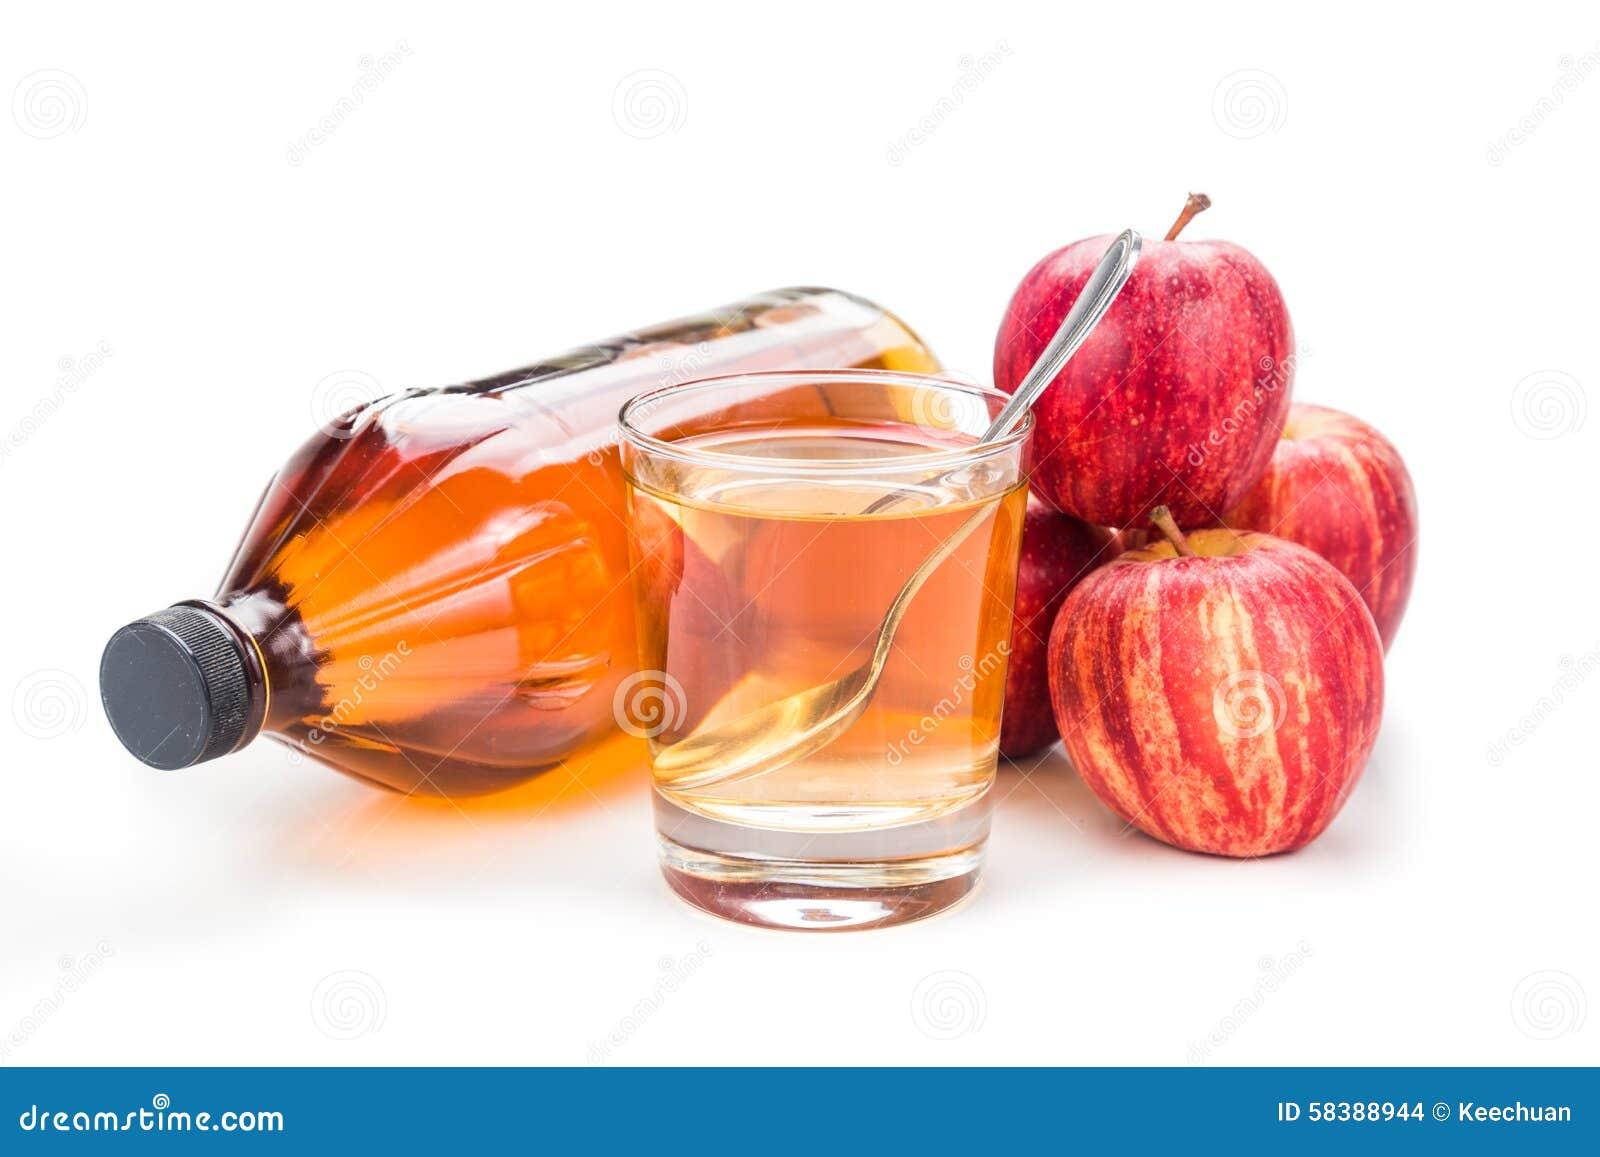 Apfelweinessig im Glas-, Glas- und frischemapfel, gesundes Getränk